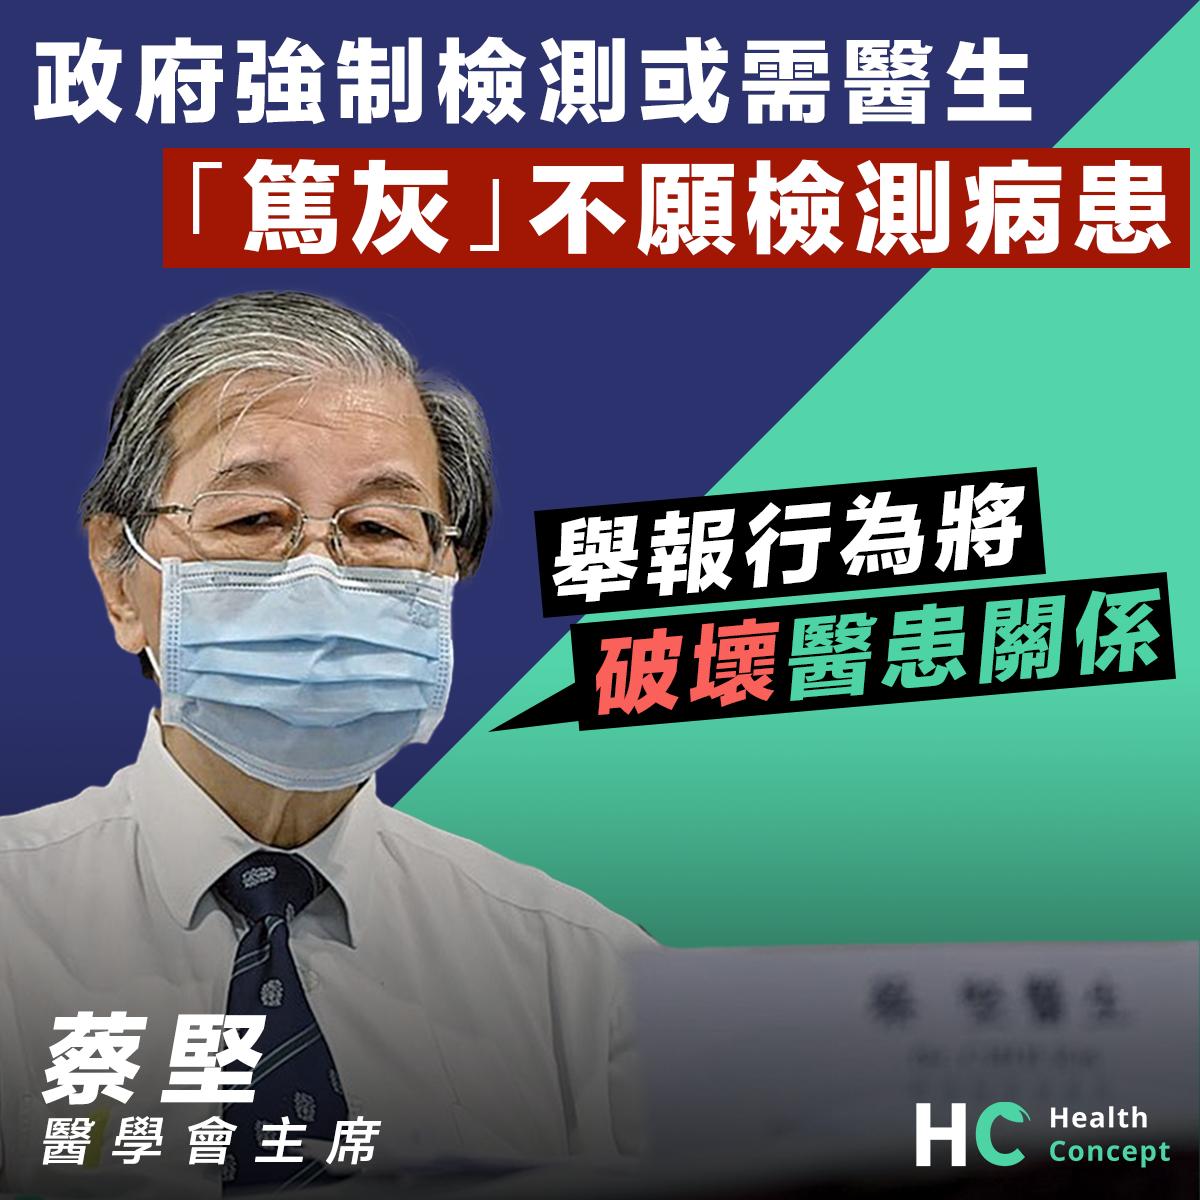 政府強制檢測或需醫生「篤灰」病患,蔡堅:舉報行為將破壞醫患關係。